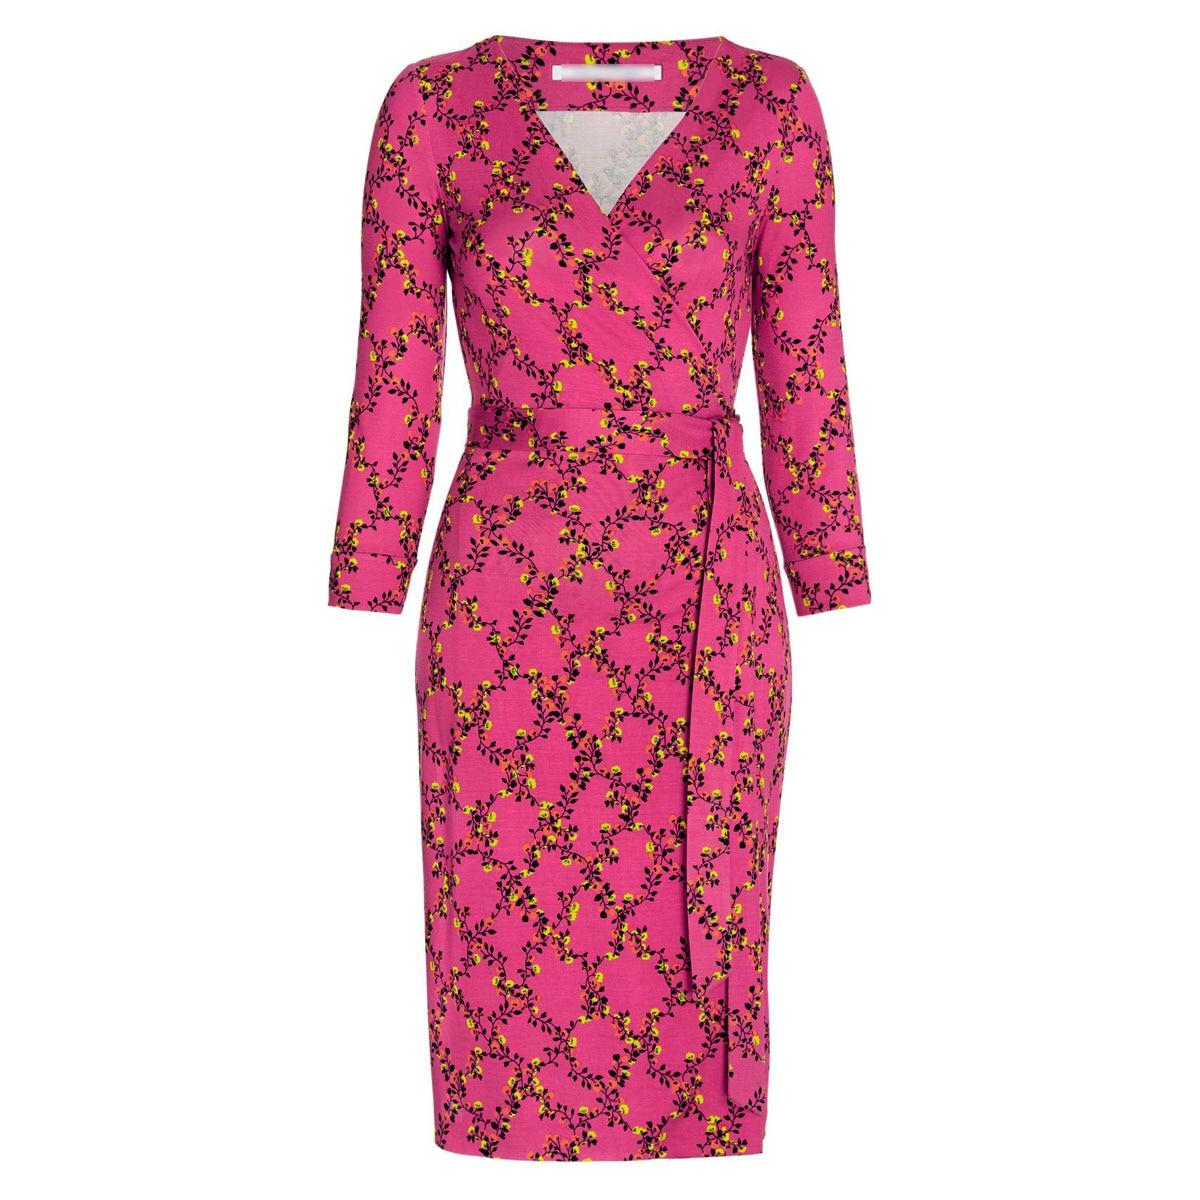 Summer Beach Robes 2019 Robes Pour Femmes V-cou Libres Manches Imprimé Floral Moulante Wrap Robes